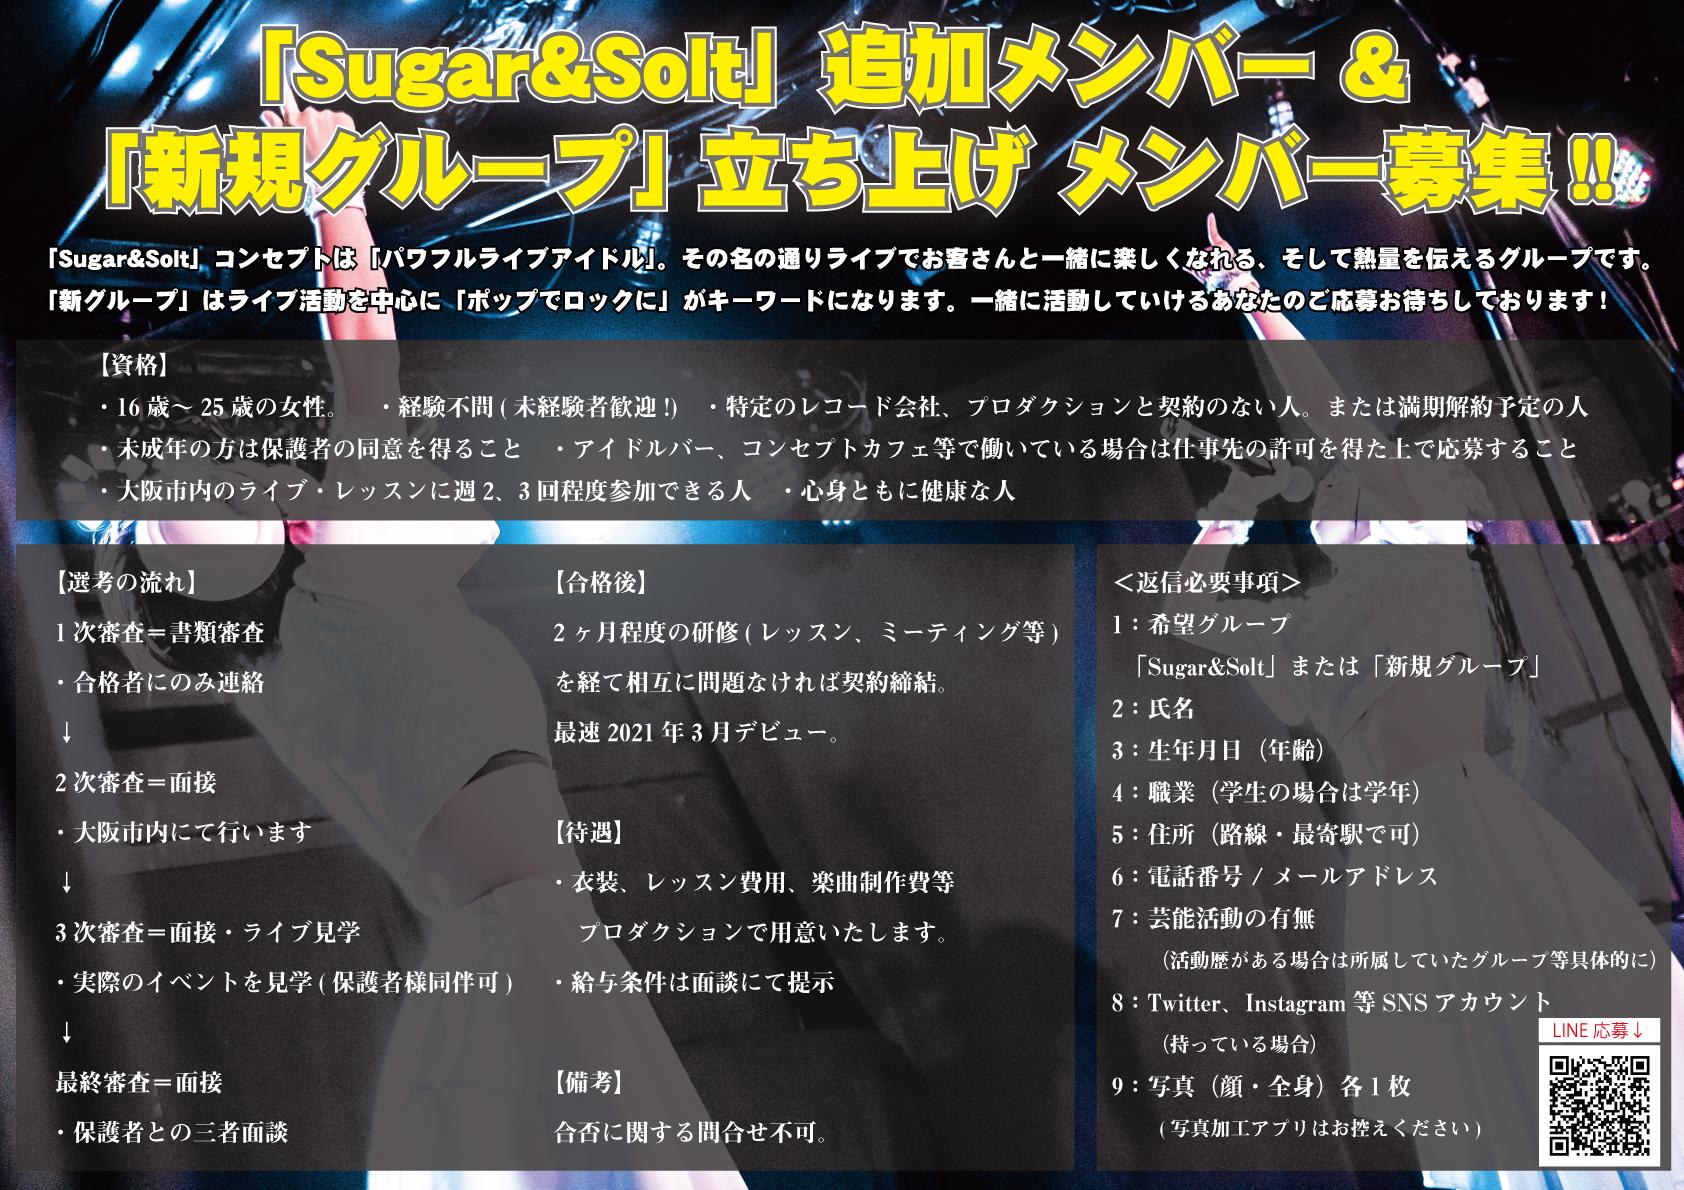 オーディション [関西]Sugar&Solt追加メンバー、および新規グループ創設メンバー募集 アイドルとしてたくさんライブ活動をしたいあなたを探しています 主催:Sugar&Solt、カテゴリ:アイドル(ロコドル)